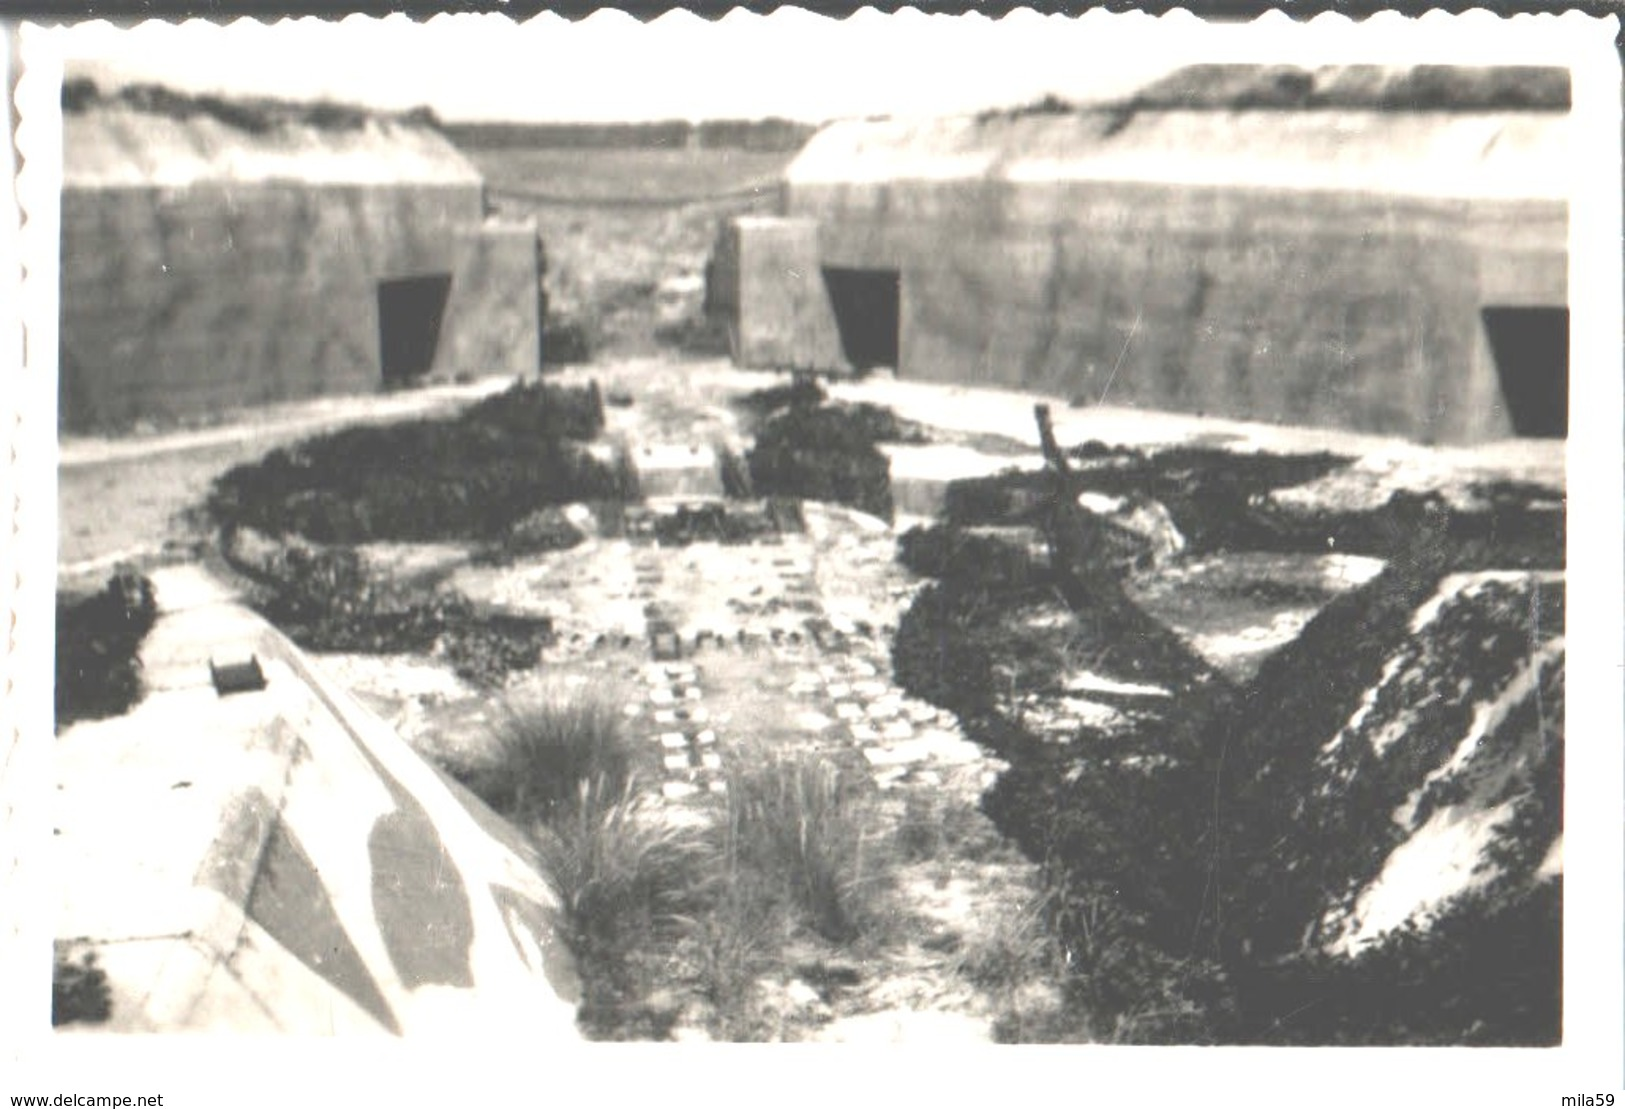 Le Mur De L'Atlantique . Penthièvre . Juillet 1947. - Krieg, Militär